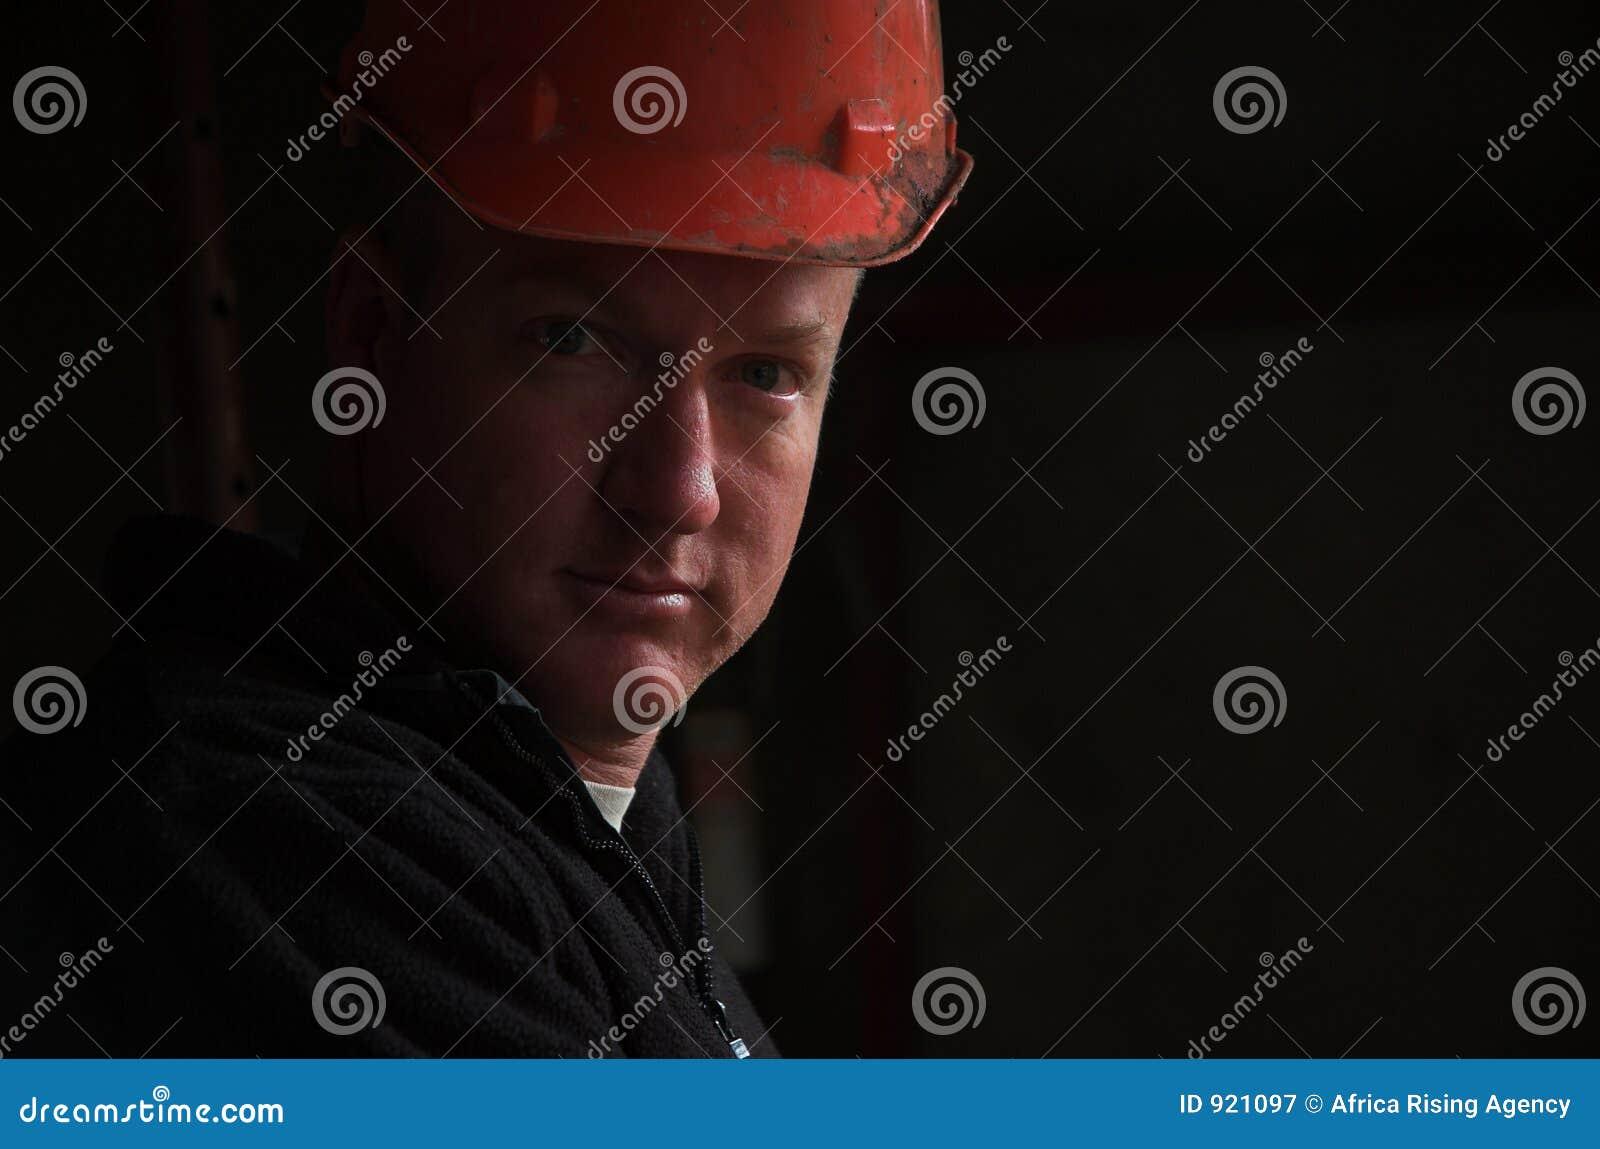 Construction worker foreman portrait